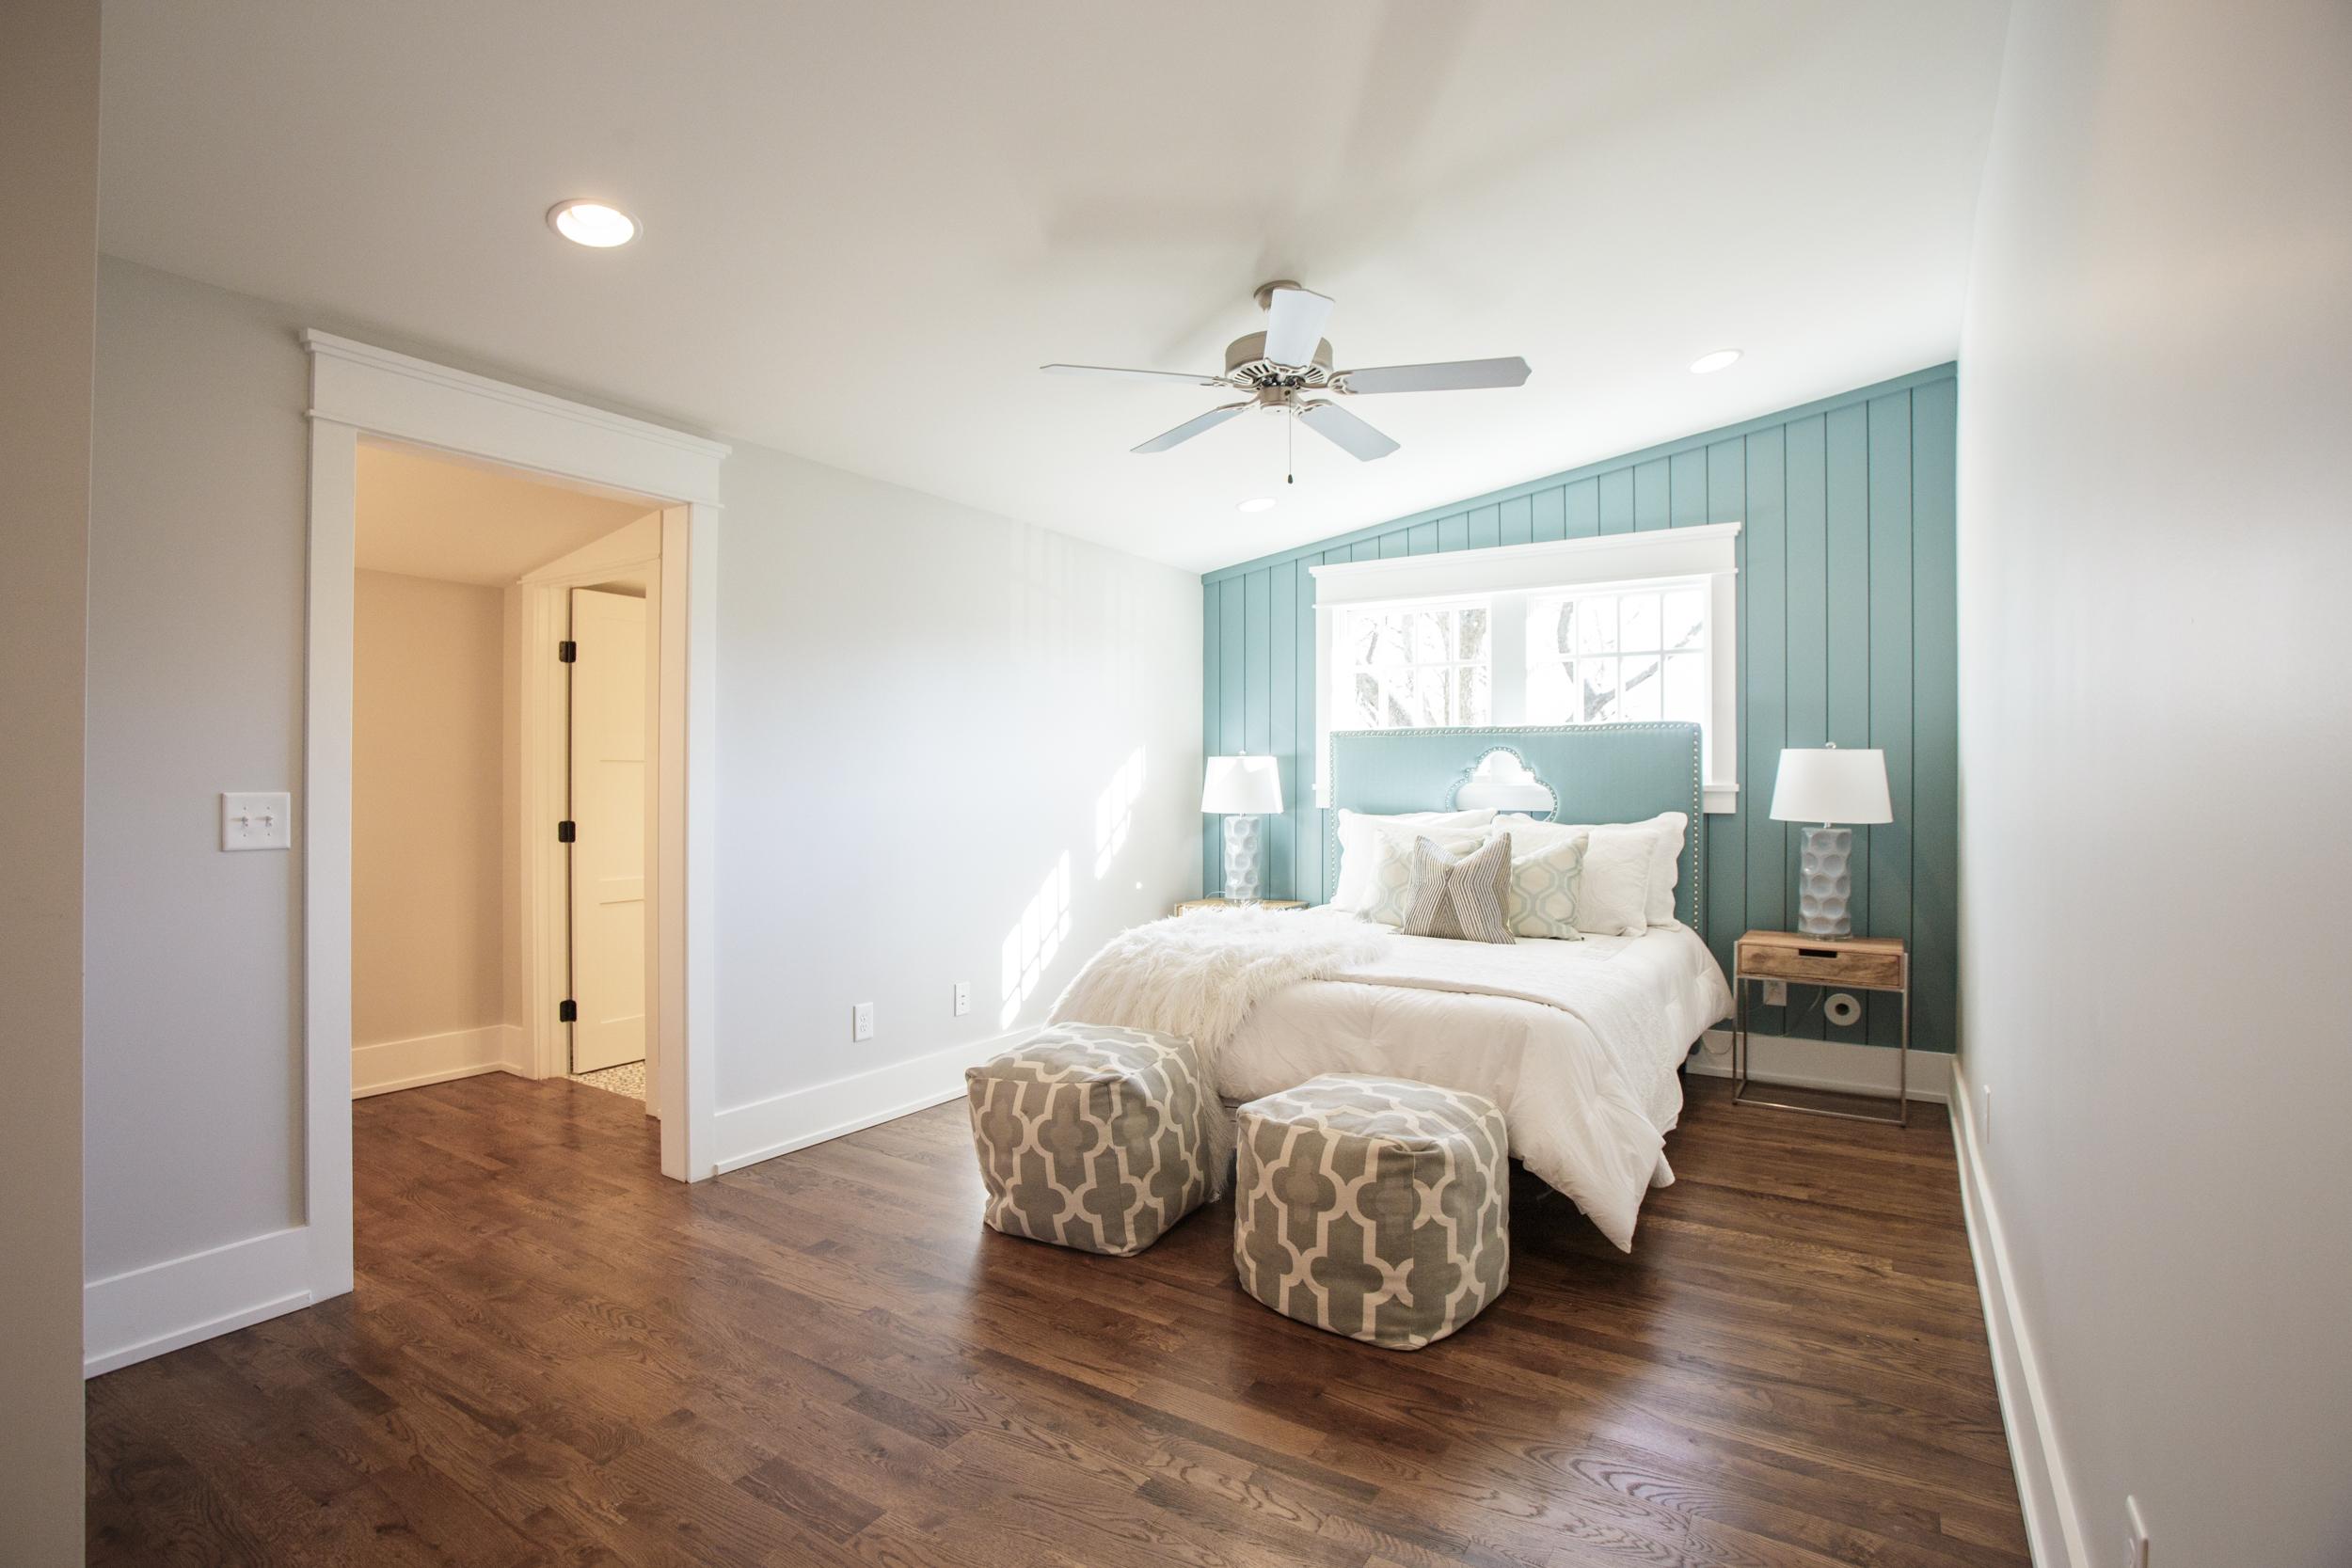 britt-development-group-nashville-tennessee-custom-home-builder-historic-renovation-0644.jpg